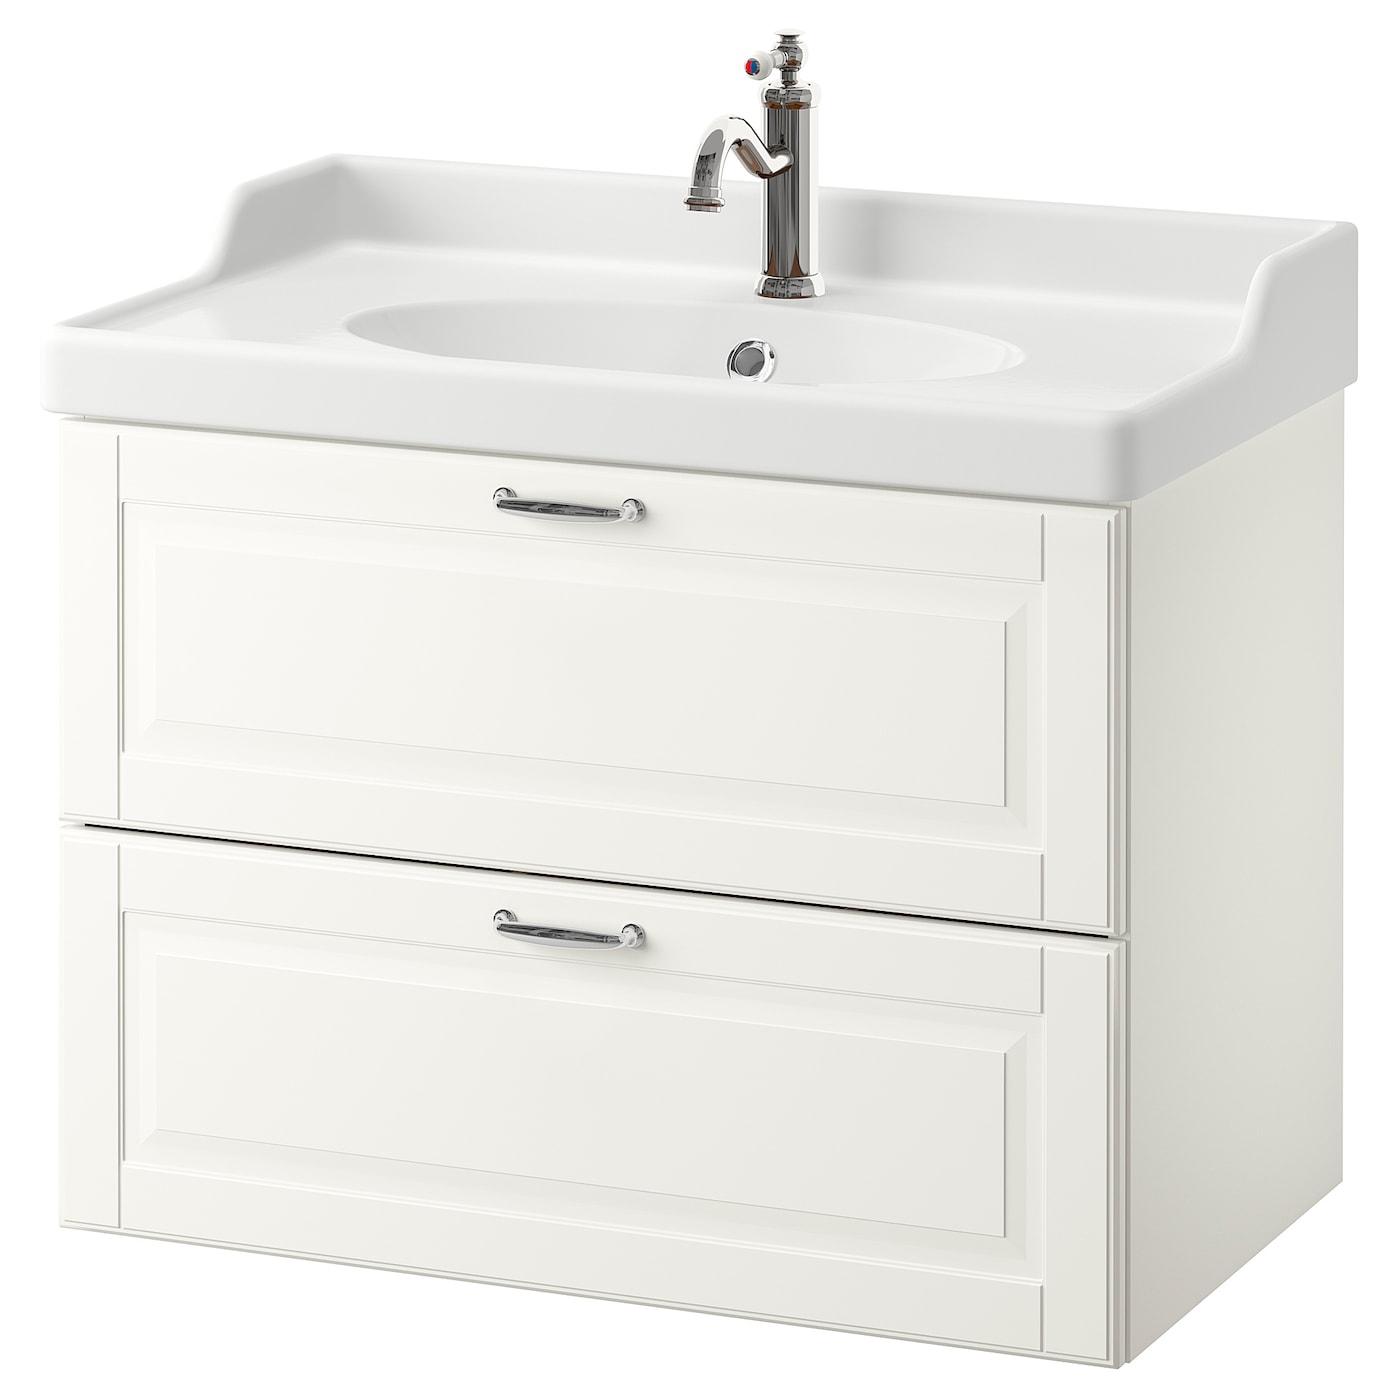 Godmorgon Rattviken Bathroom Vanity Kasjon White Hamnskar Faucet Ikea